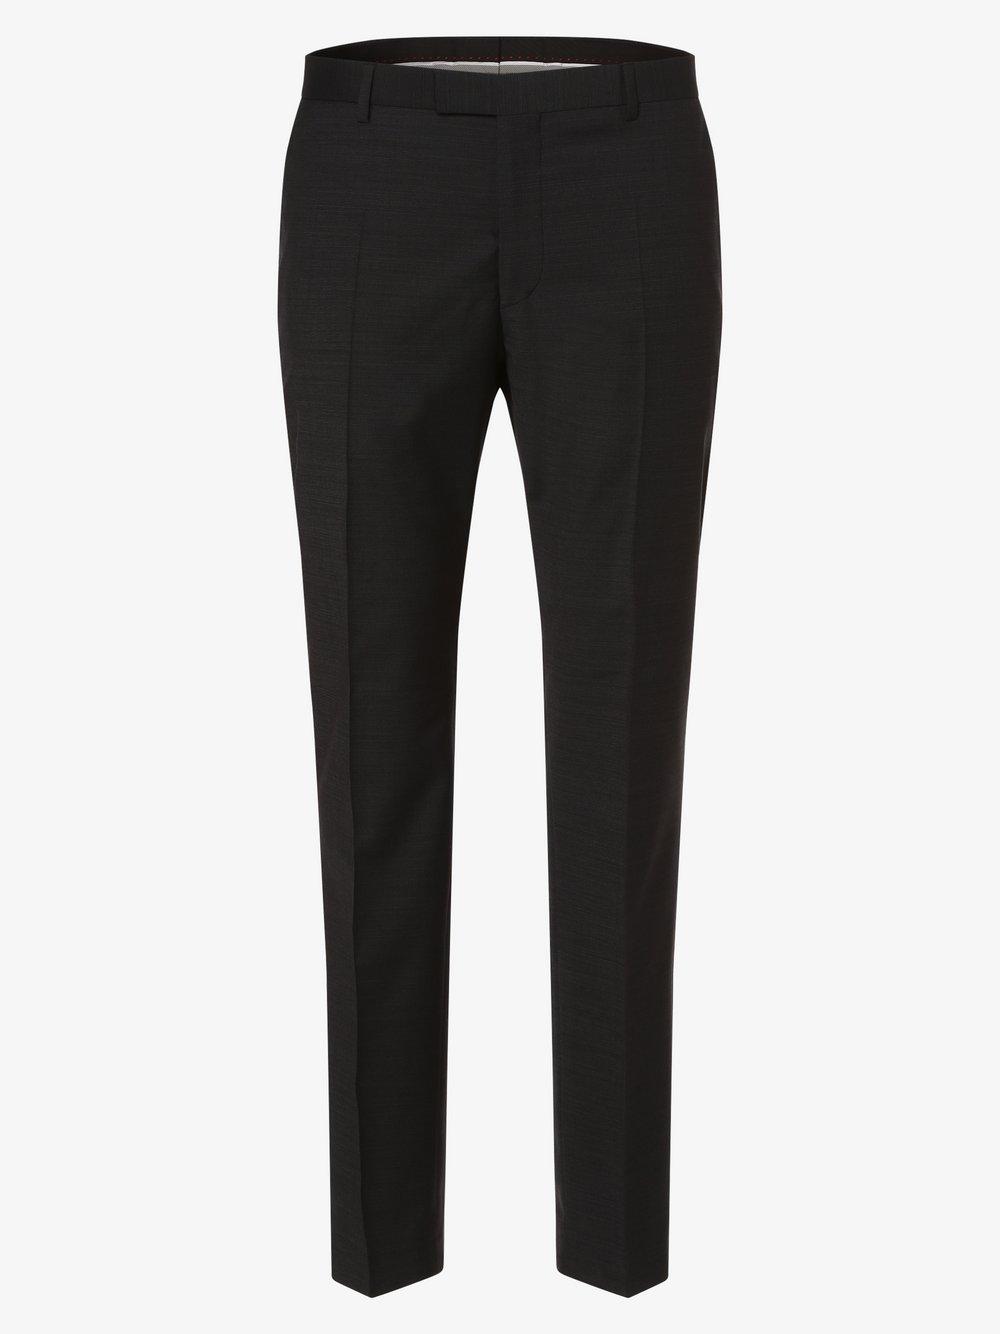 Strellson - Męskie spodnie od garnituru modułowego – Mercer2.0, czarny